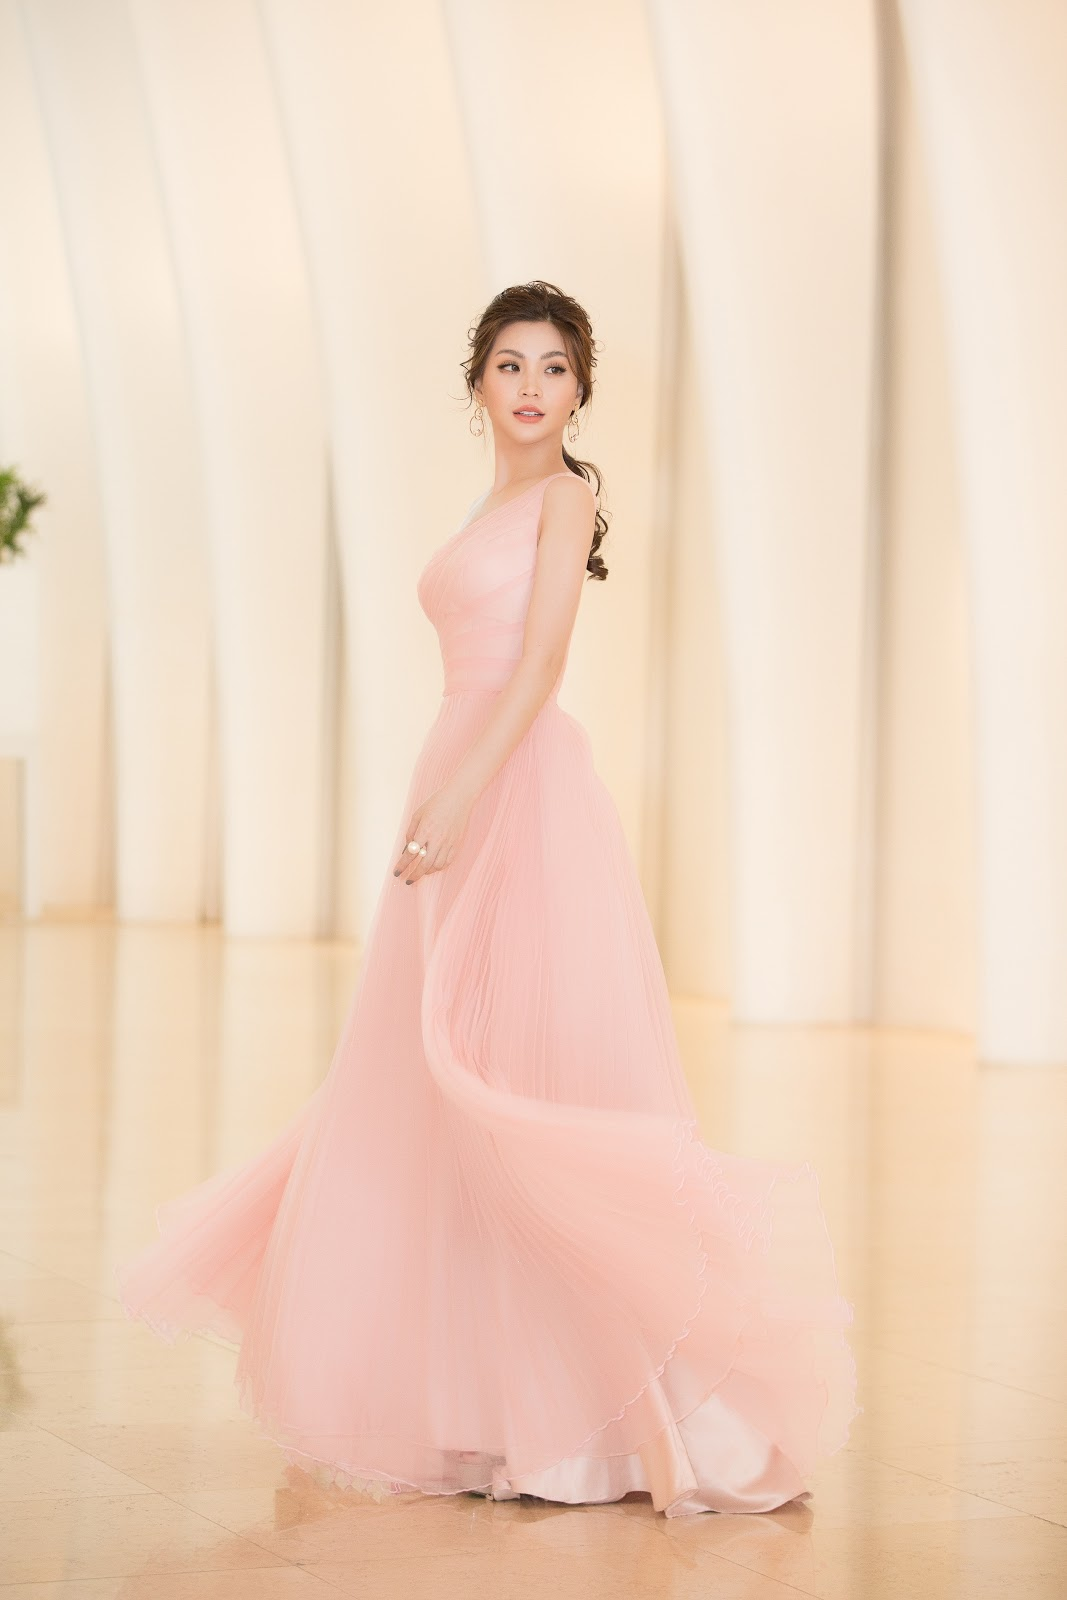 Đấu trường nhan sắc danh giá thế giới - Miss World chính thức tổ chức tại Việt Nam - Hình 14